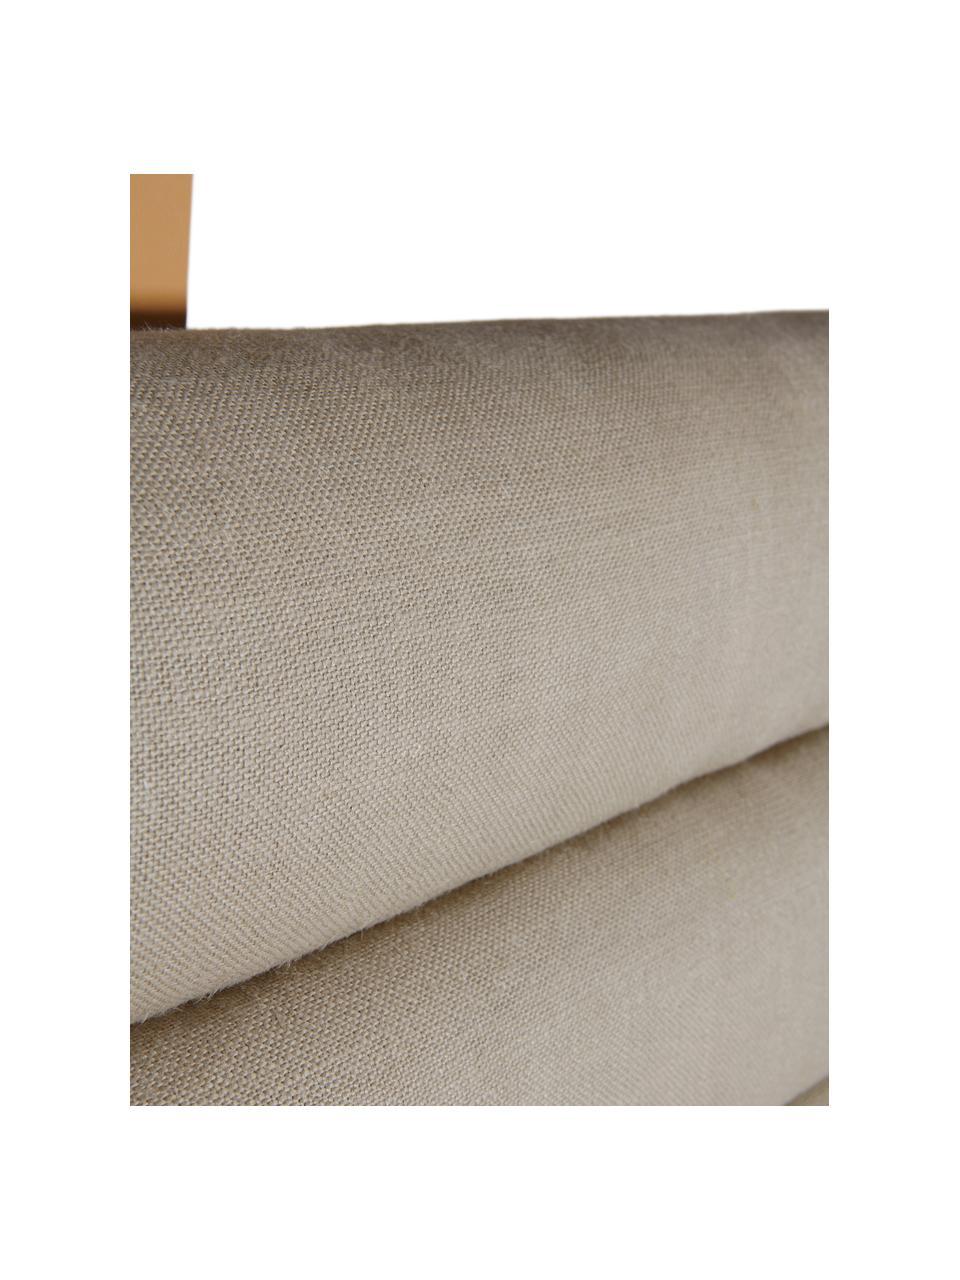 Zagłówek tapicerowany Amsterdam, Tapicerka: 100% len, Stelaż: sklejka, Beżowy, S 120 x W 60 cm